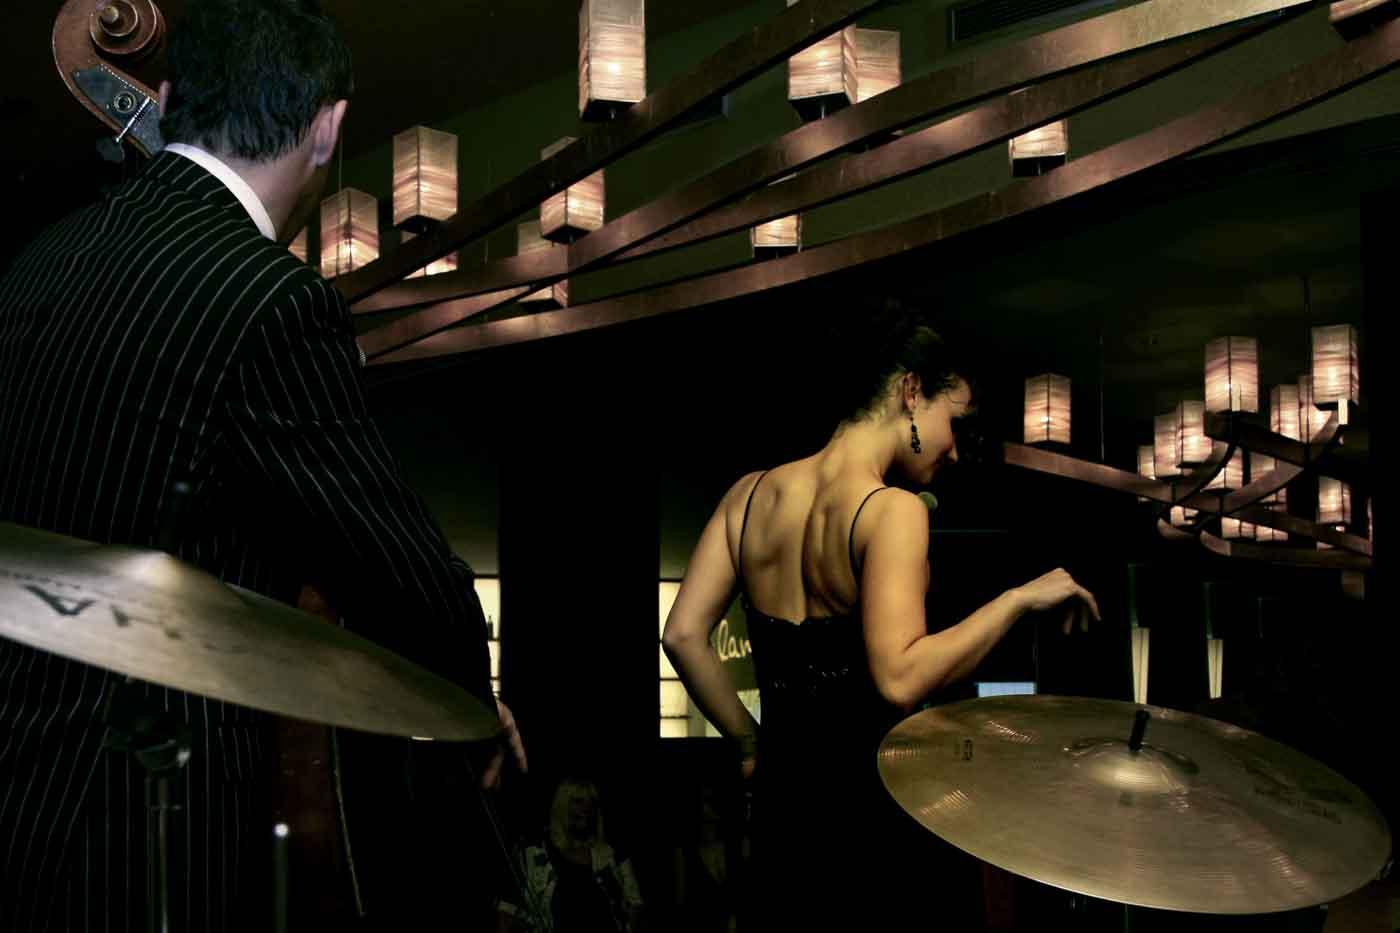 Bassspieler und Sängerin aus der Schlagzeug-Perspektive